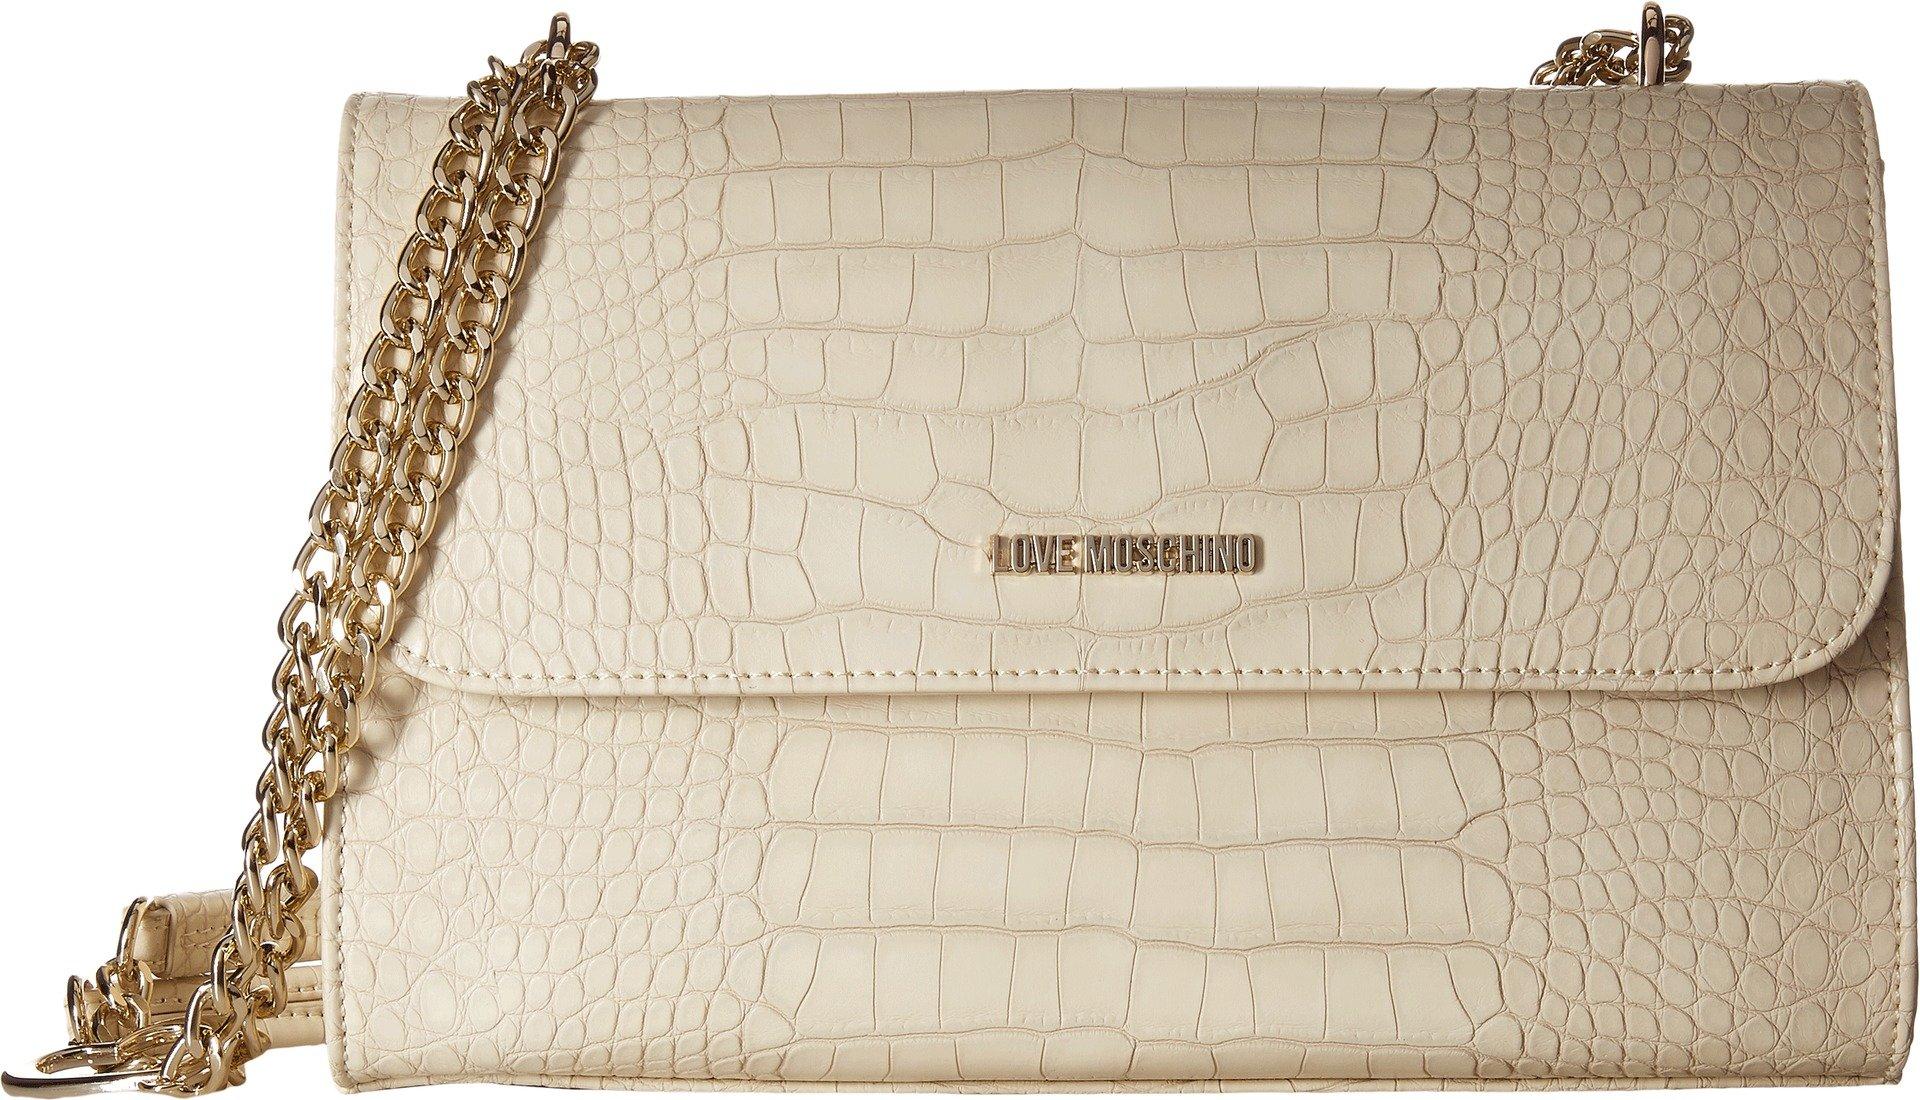 LOVE Moschino Women's Croco Pu Shoulder Bag White Handbag by Love Moschino (Image #1)